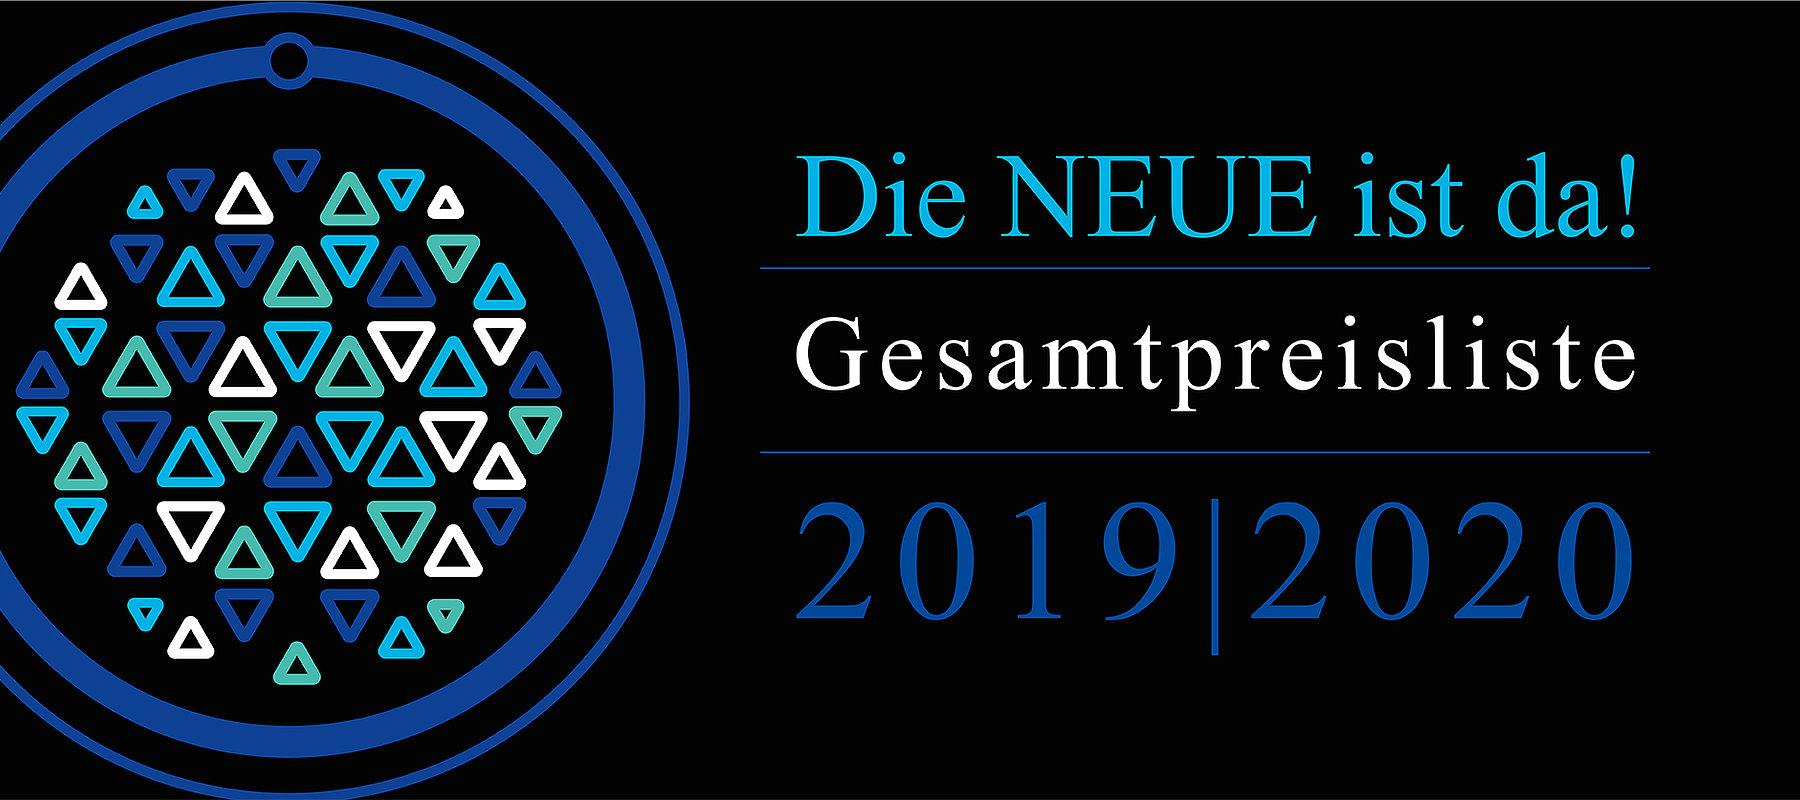 Die neue Gesamtpreisliste für 2019 & 2020 ist da!